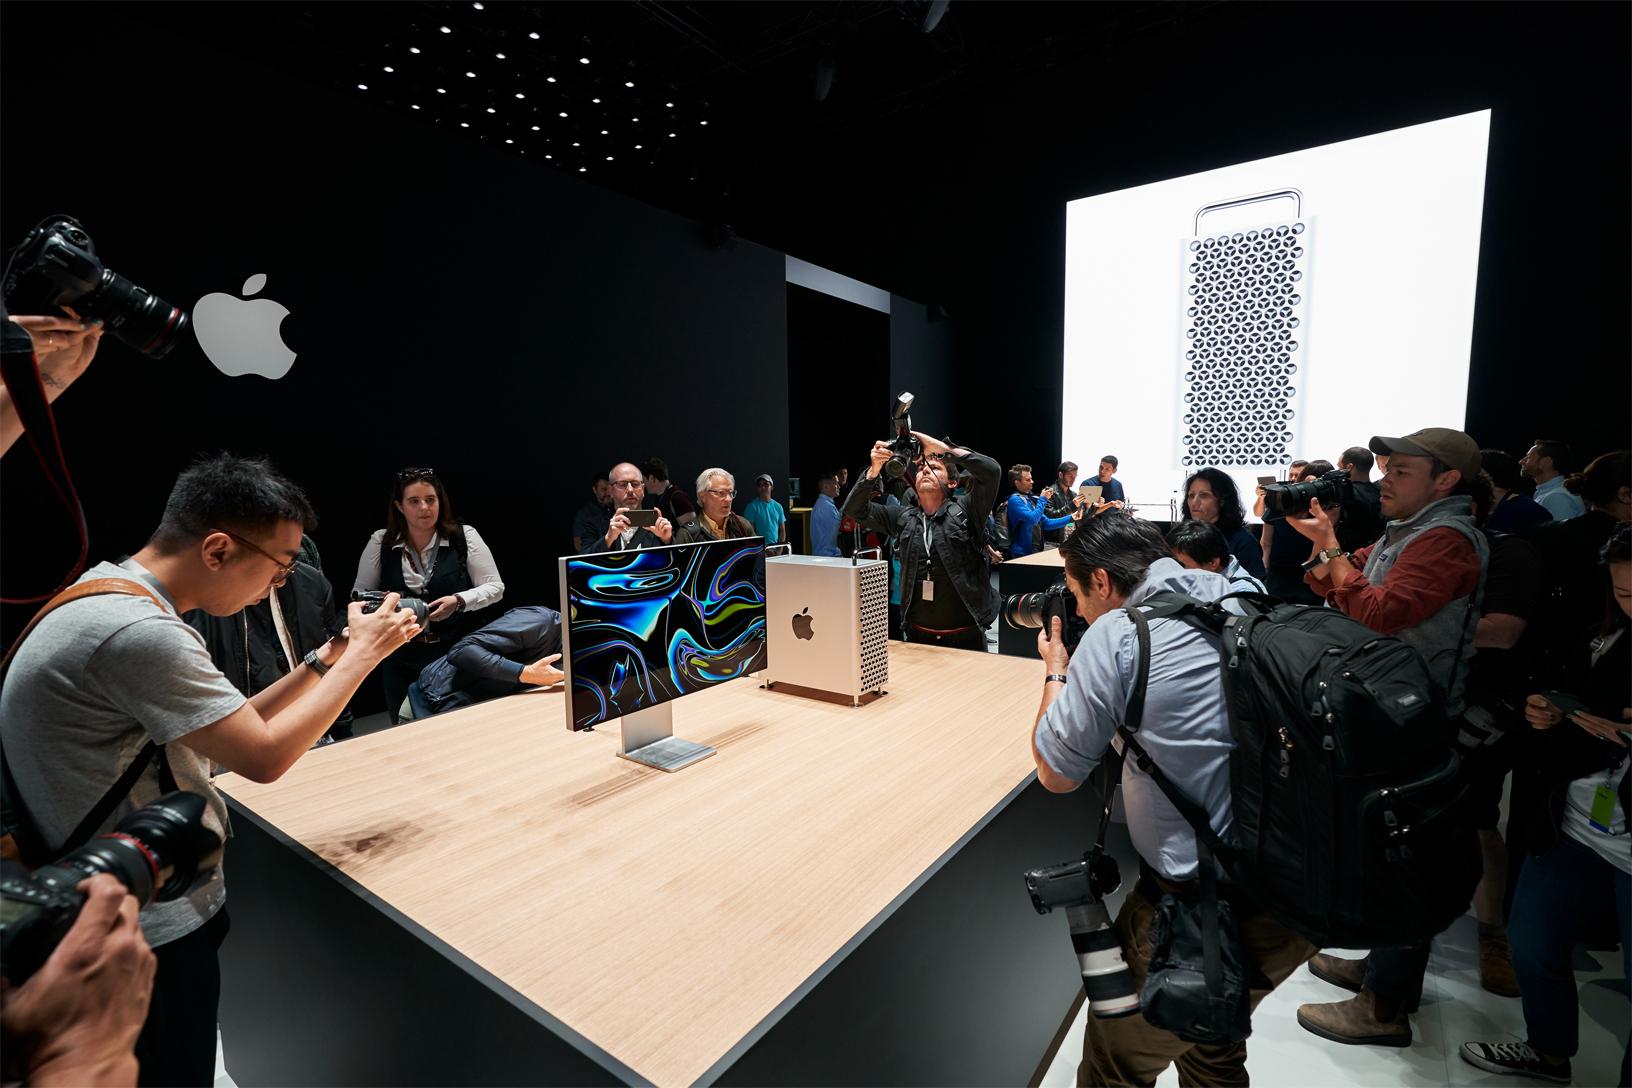 La presentazione del MacPro alla WWDC 2019; ci sarà hardware anche nella WWDC 2020?